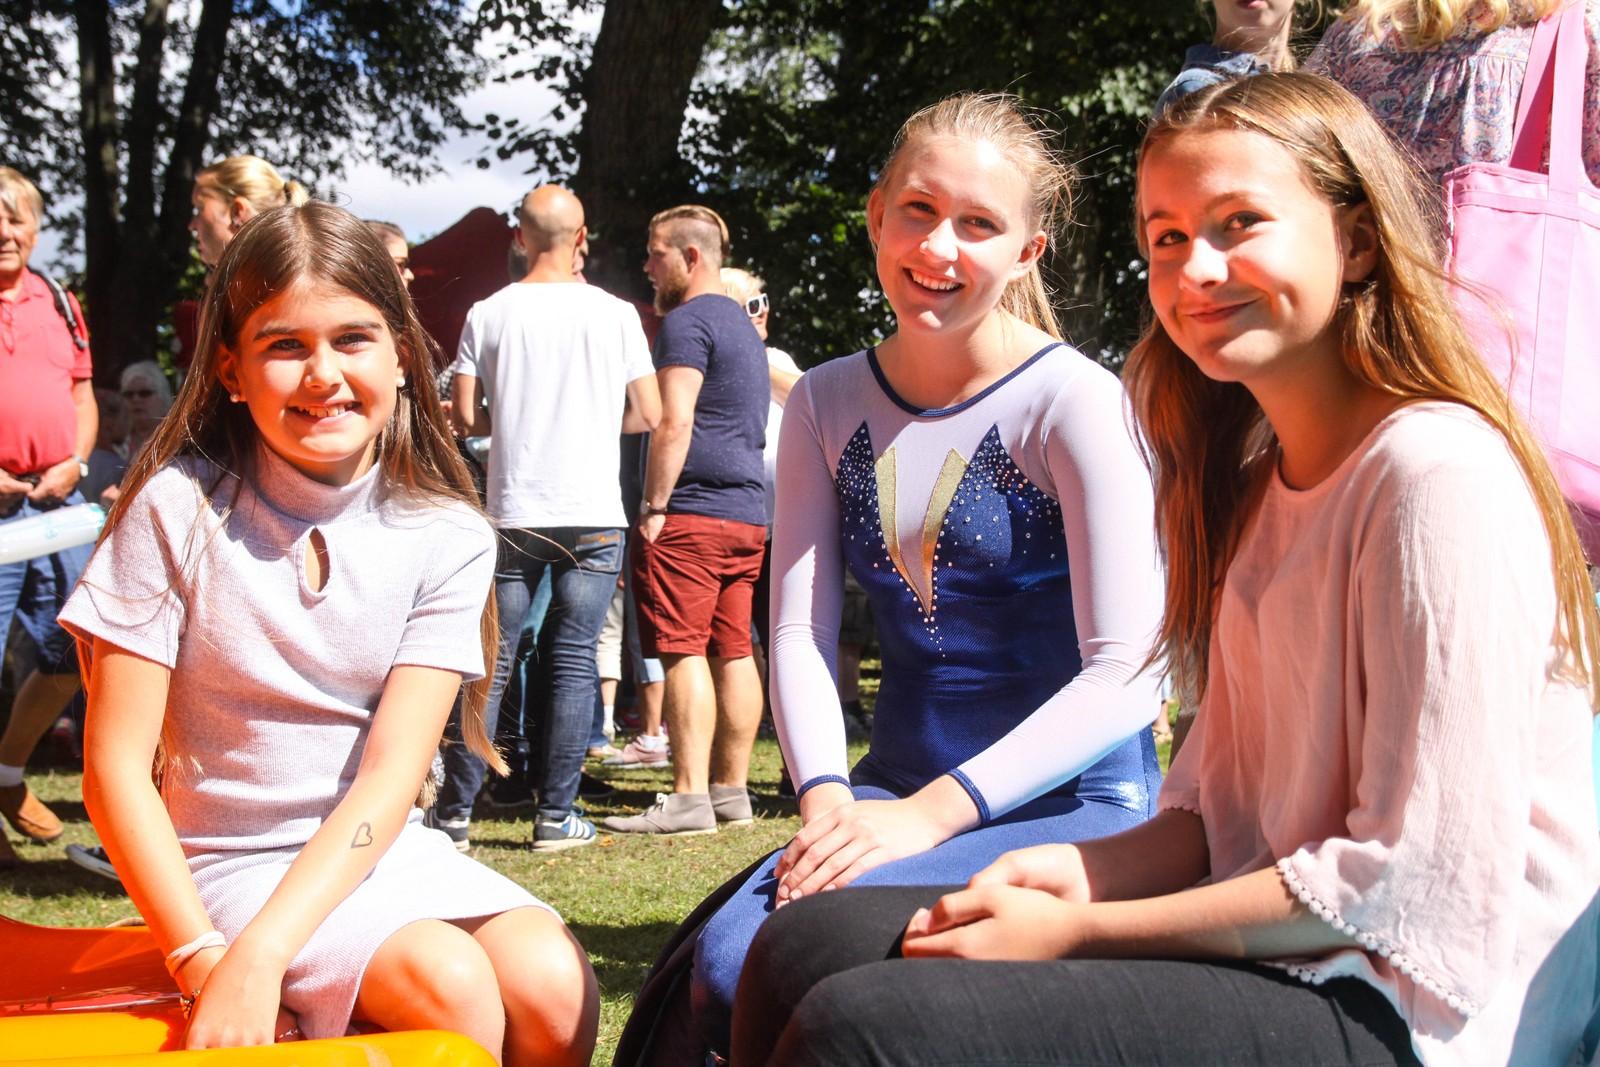 Søstrene Maiken (15), Maja (11) og Tuva Gravdahl Nilsen (13) koste seg i Hafslundparken i dag. De gledet seg over å få lov til å oppleve tusenårsmarkeringen.